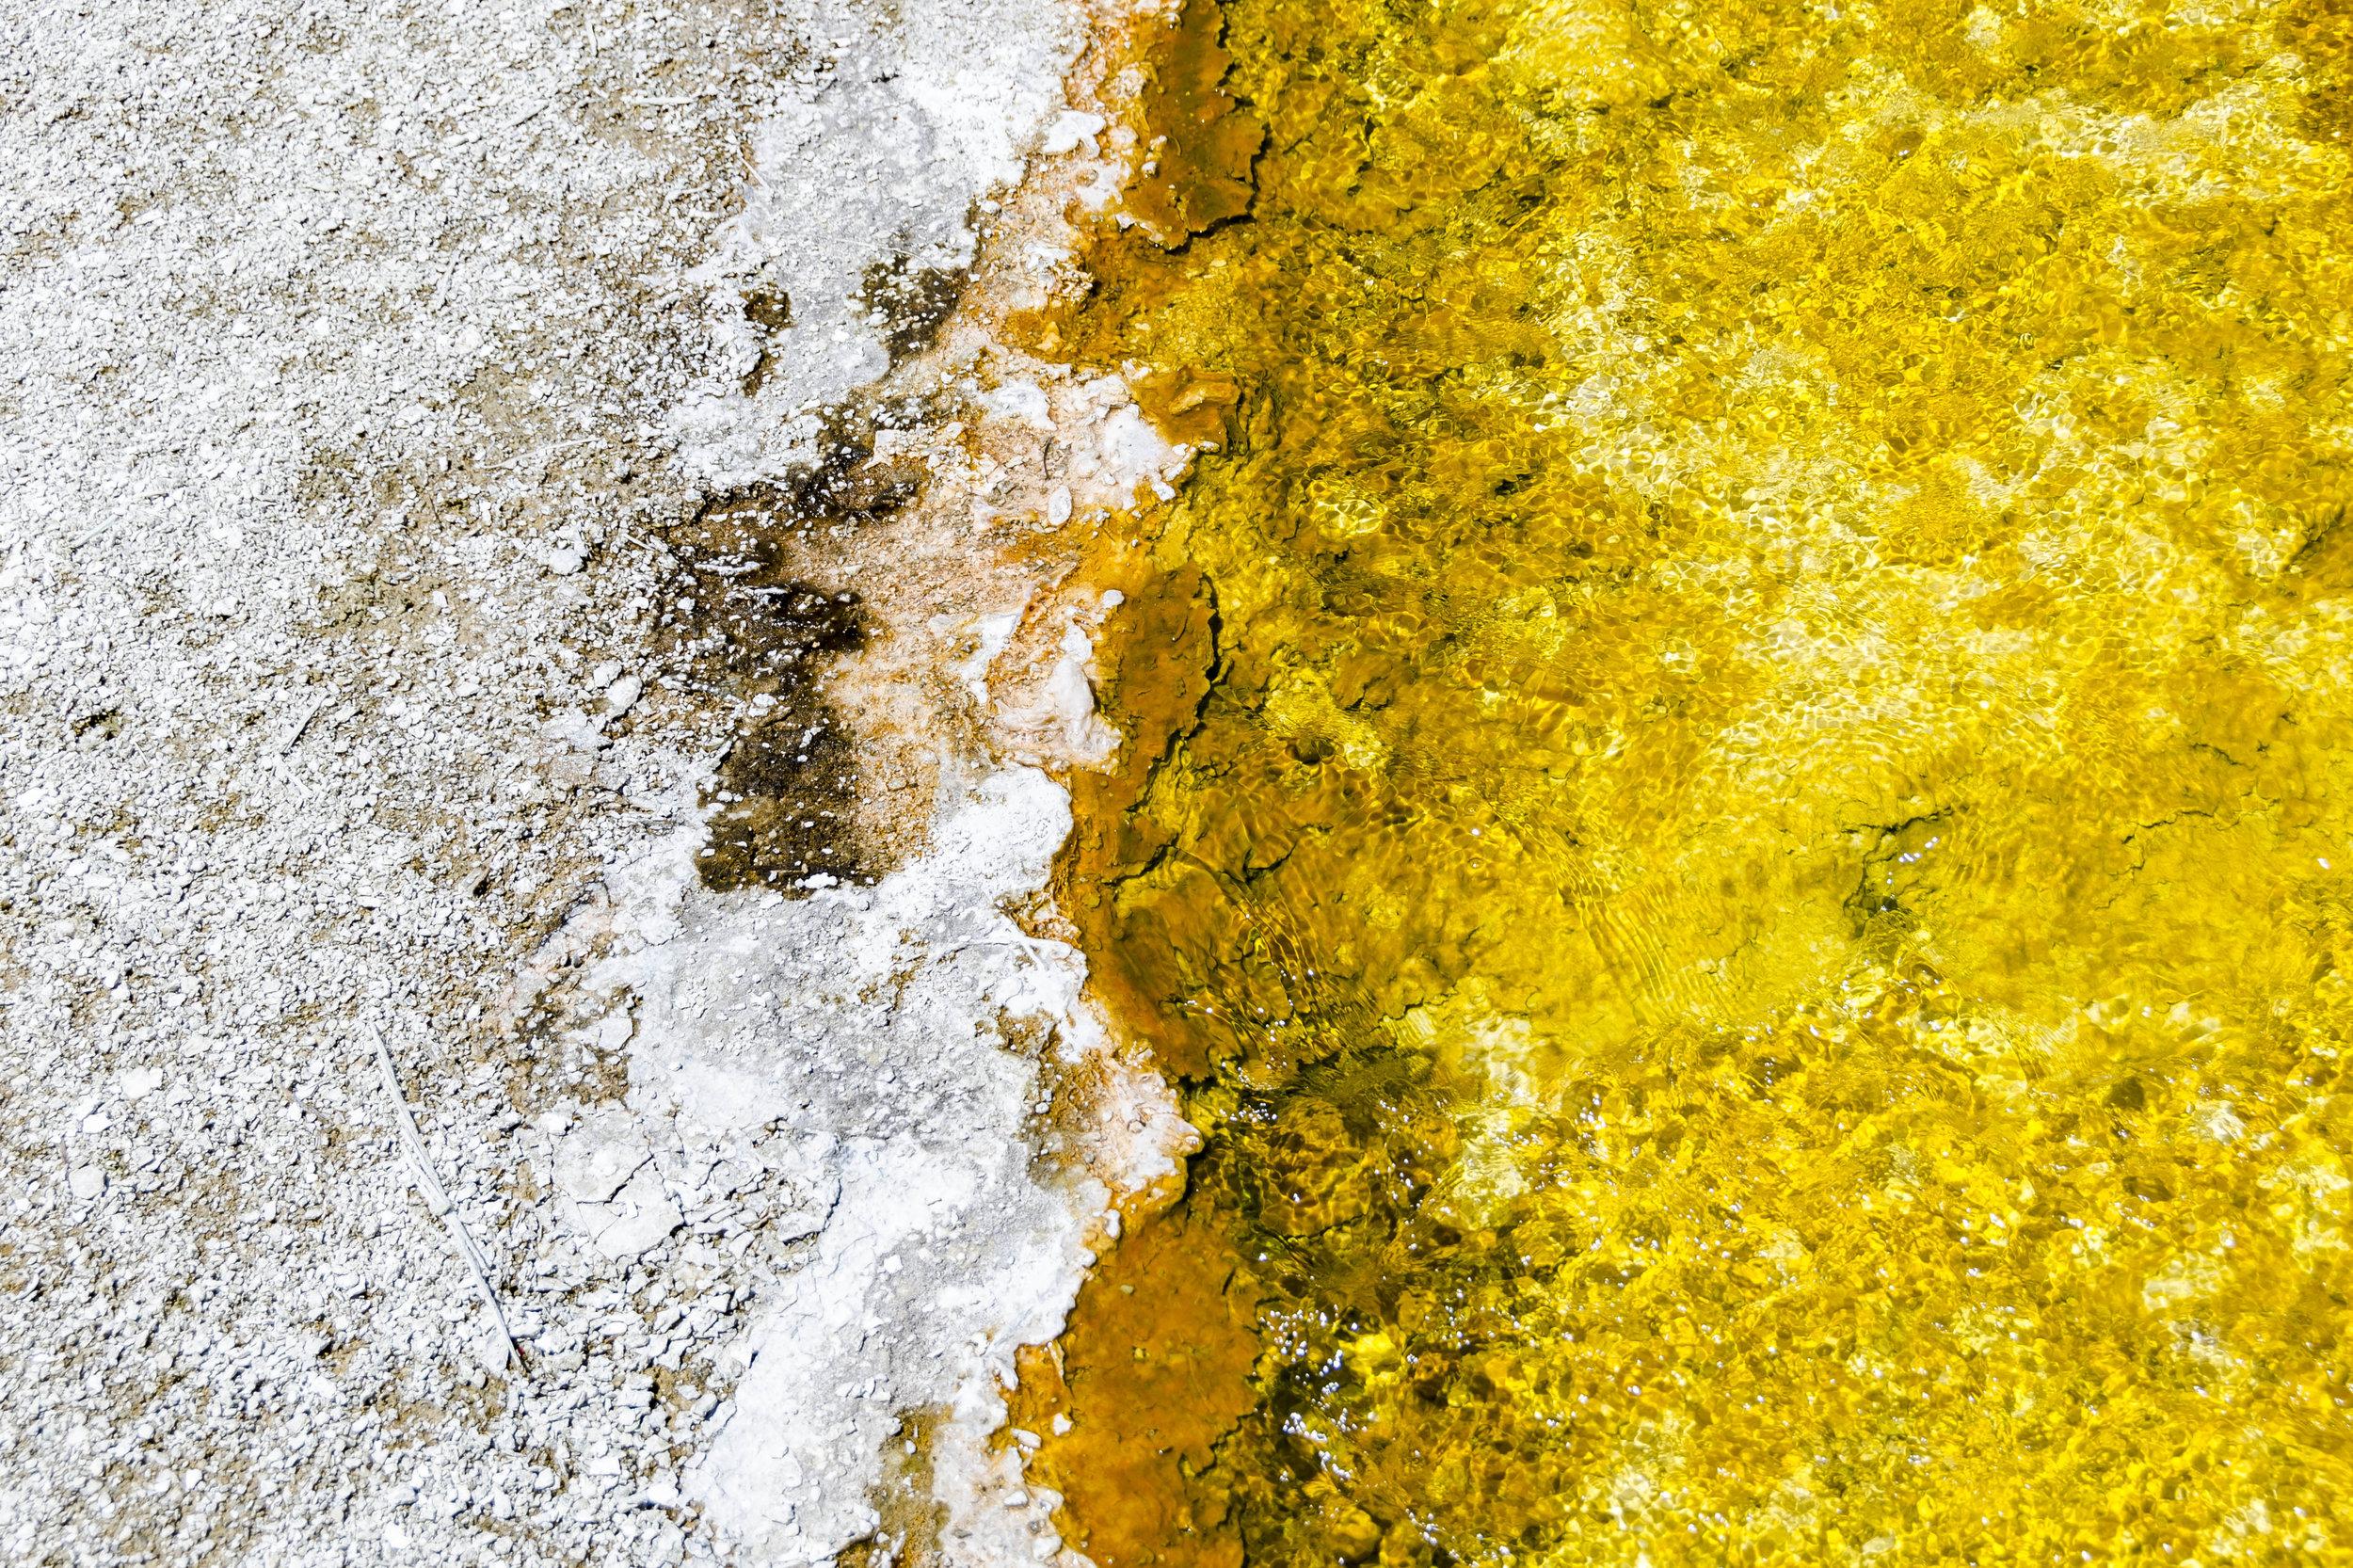 Yellowstone Texture - 20180613_0113.jpg